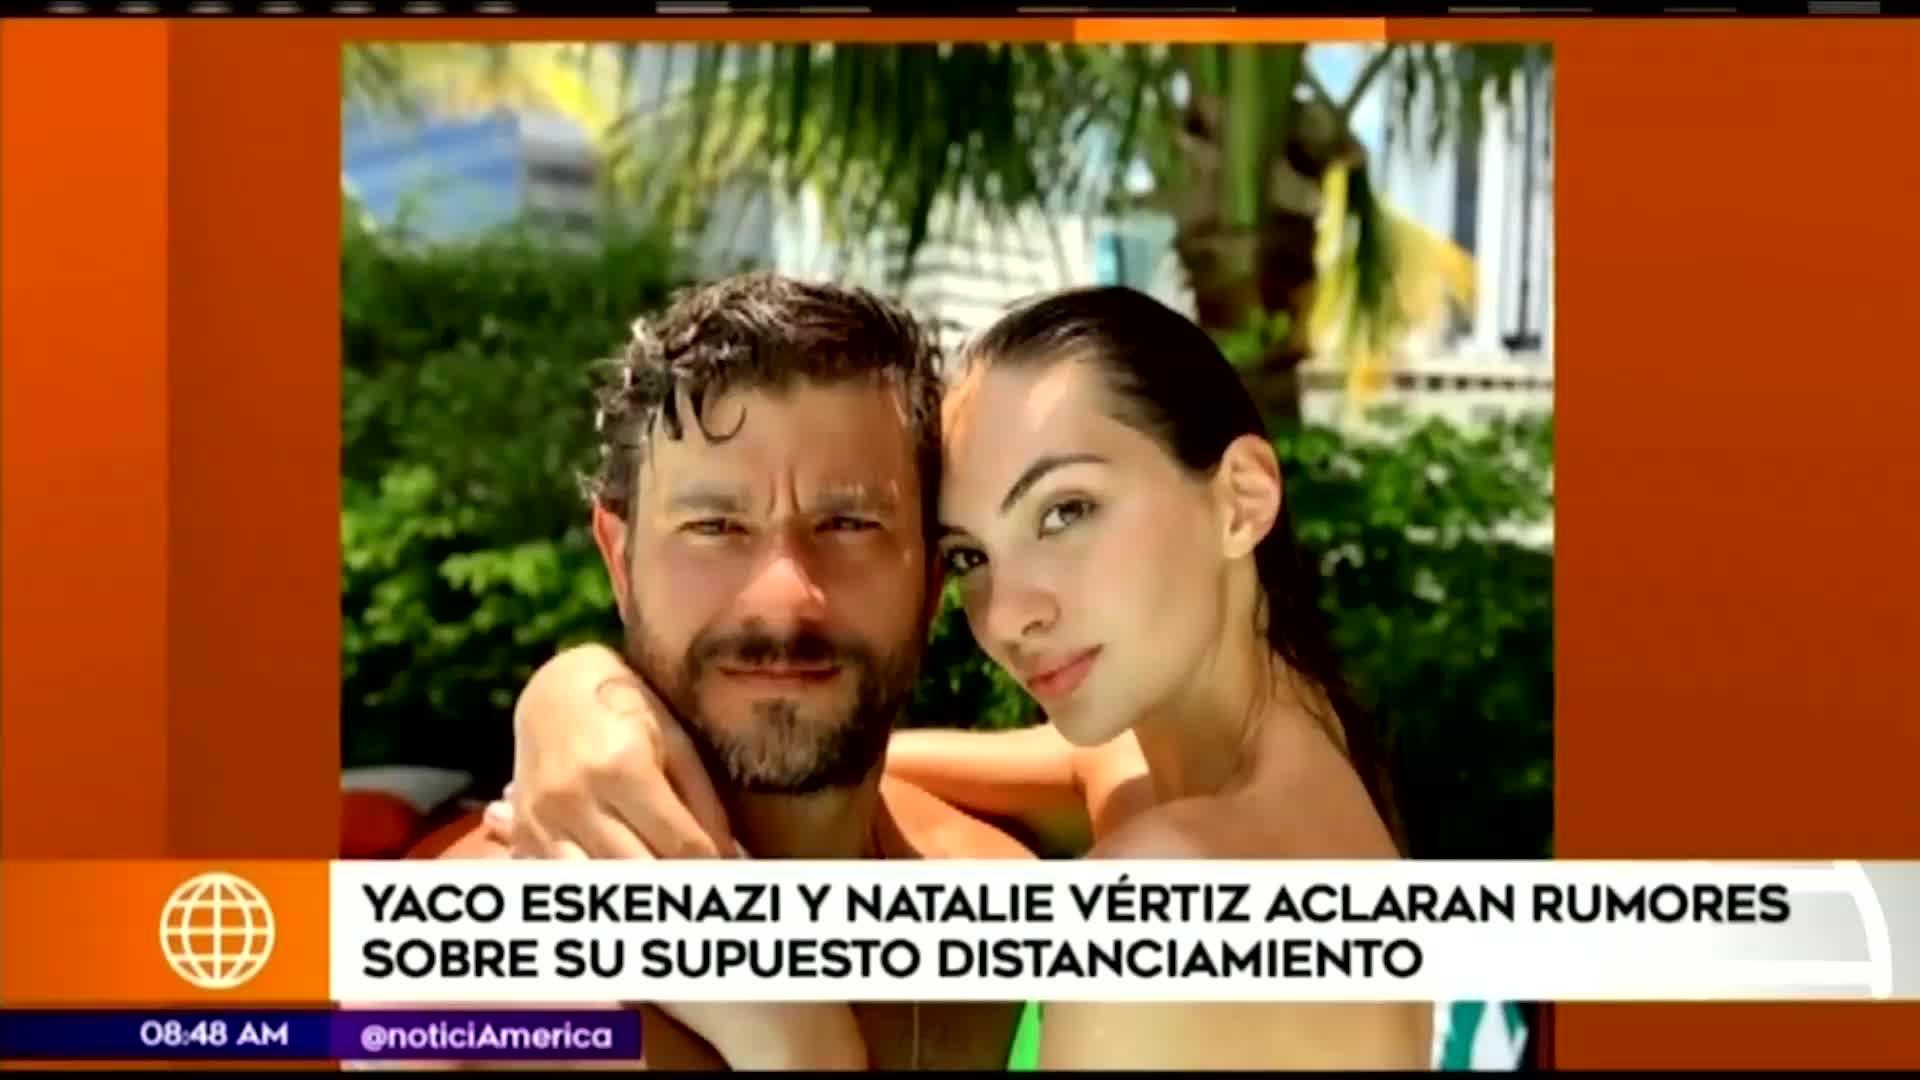 Yaco Eskenazi y Natalie Vértiz hablaron sobre rumores de su supuesta separación